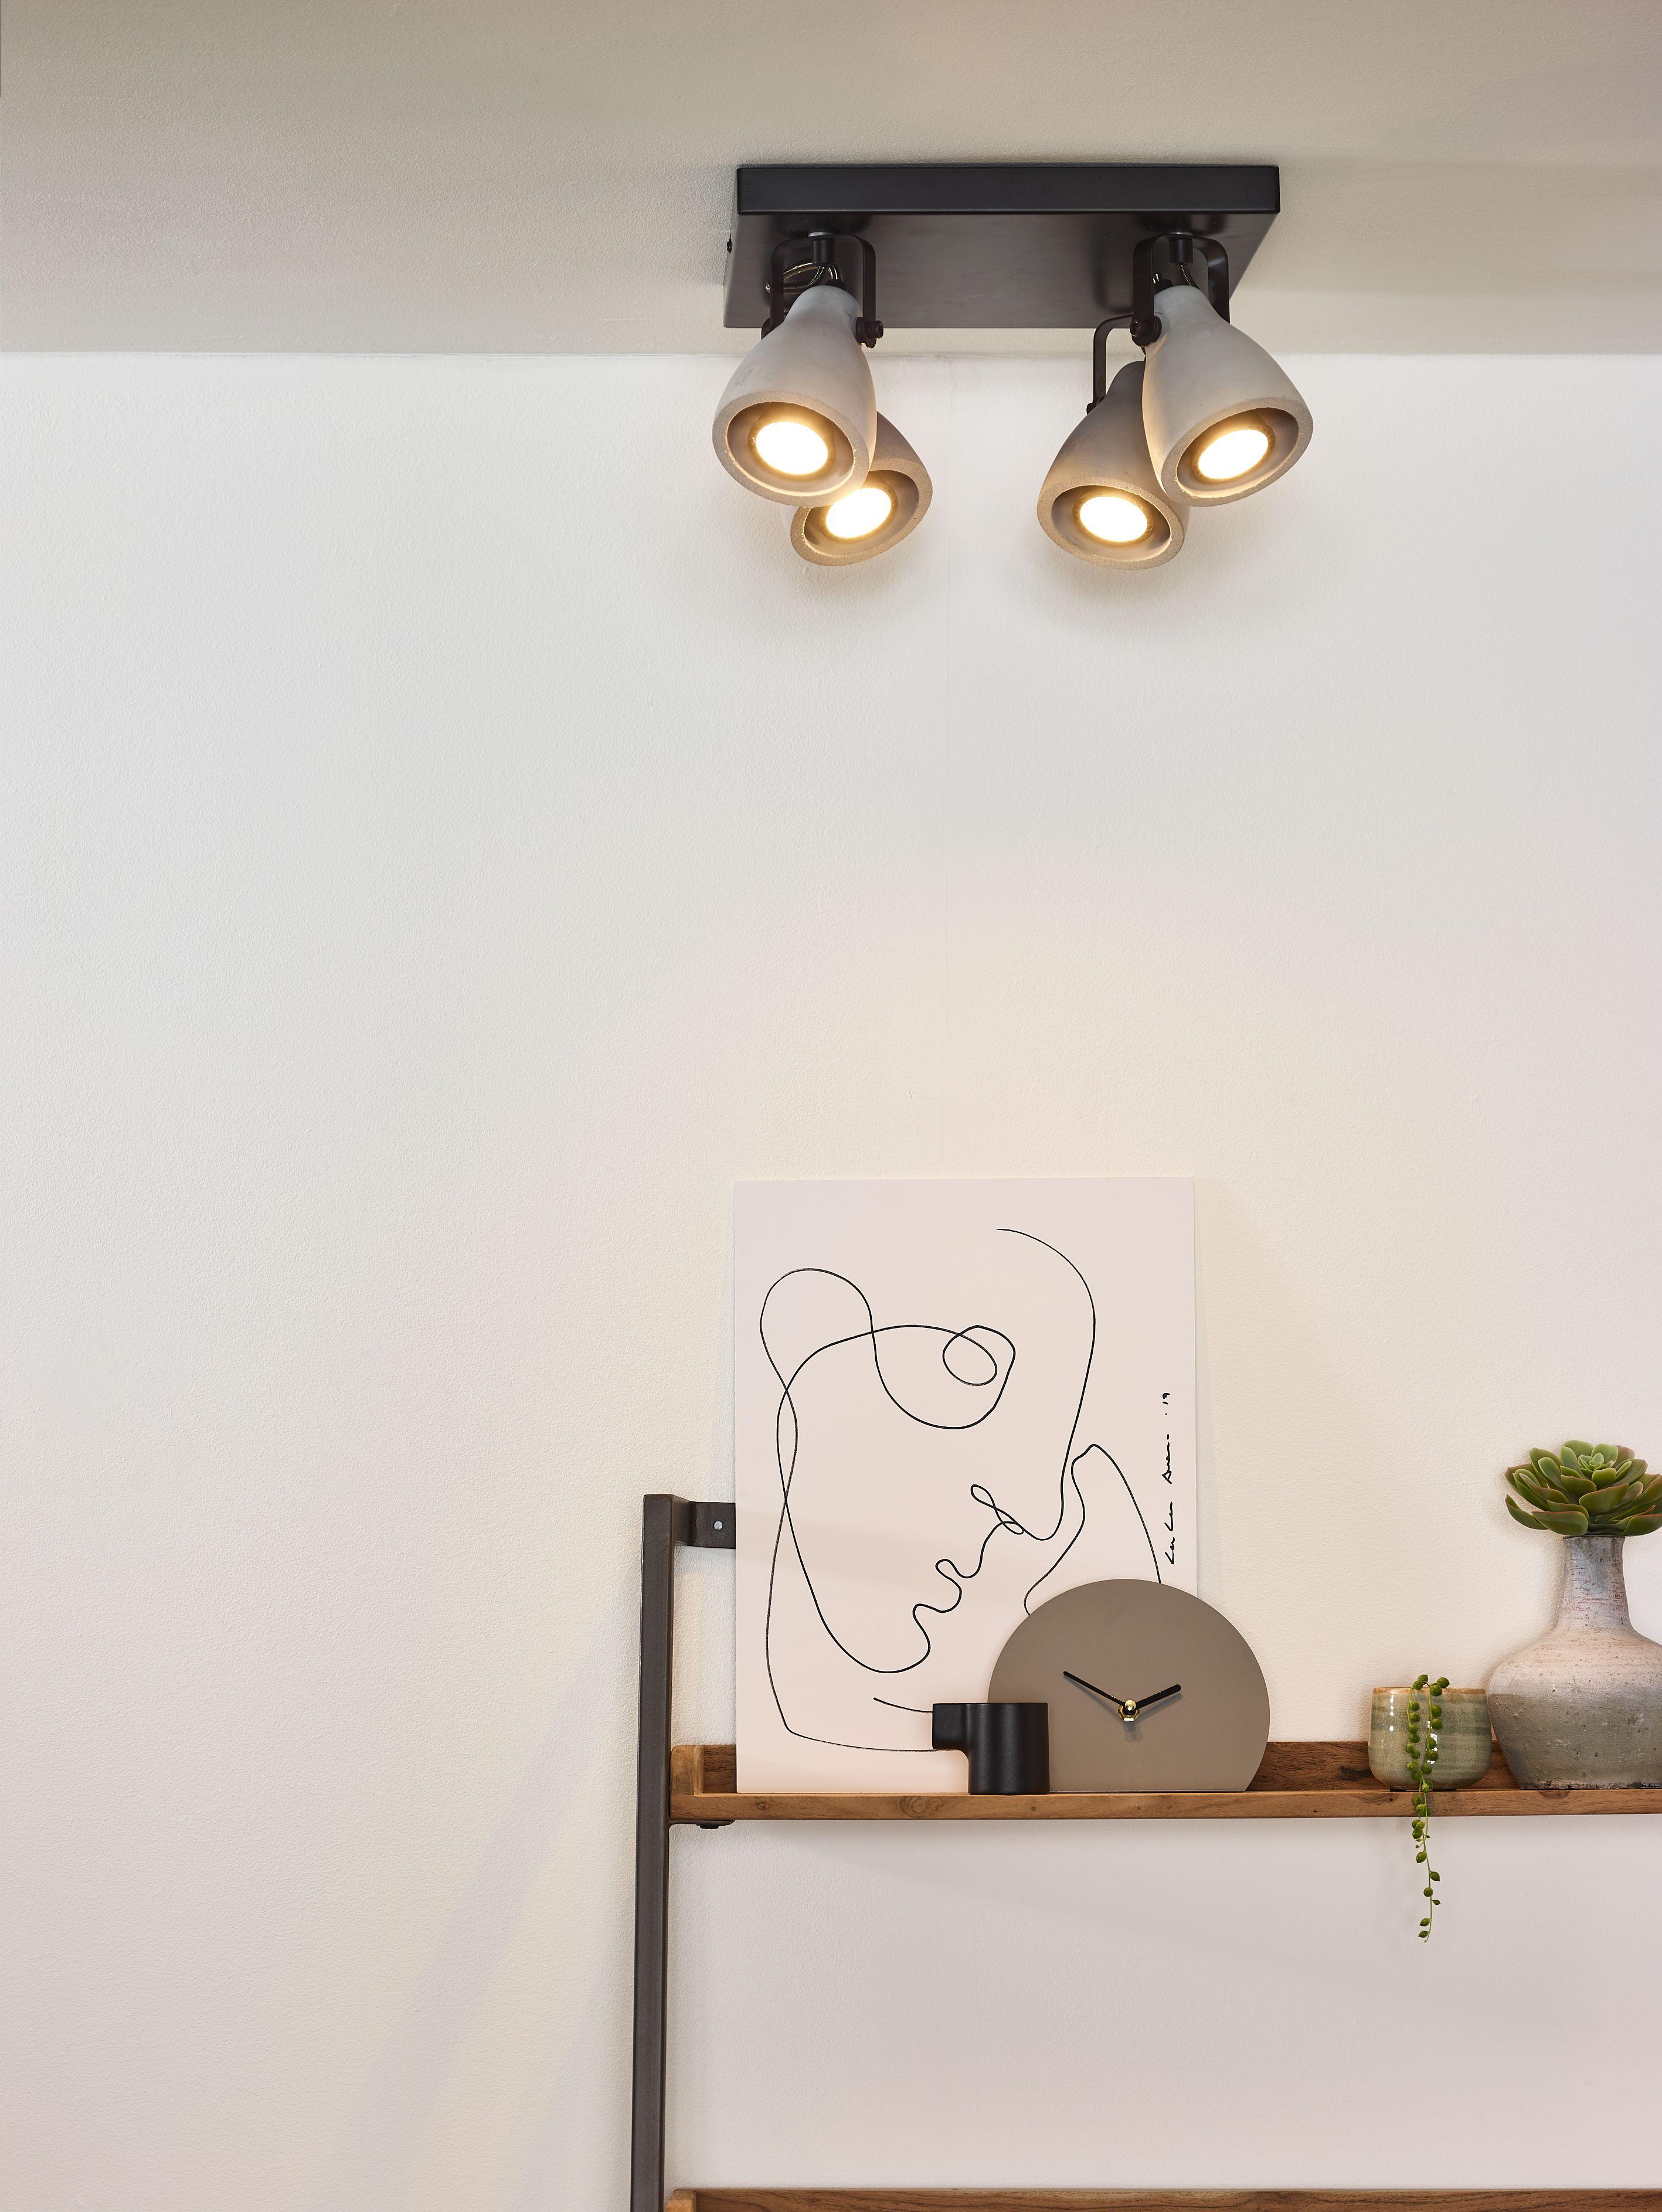 Lucide Concri Led Ceiling Spotlight O 9 Cm Led Dim Gu10 4x5w 3000k Black Ceiling Spotlights Led Ceiling Led Dimmer